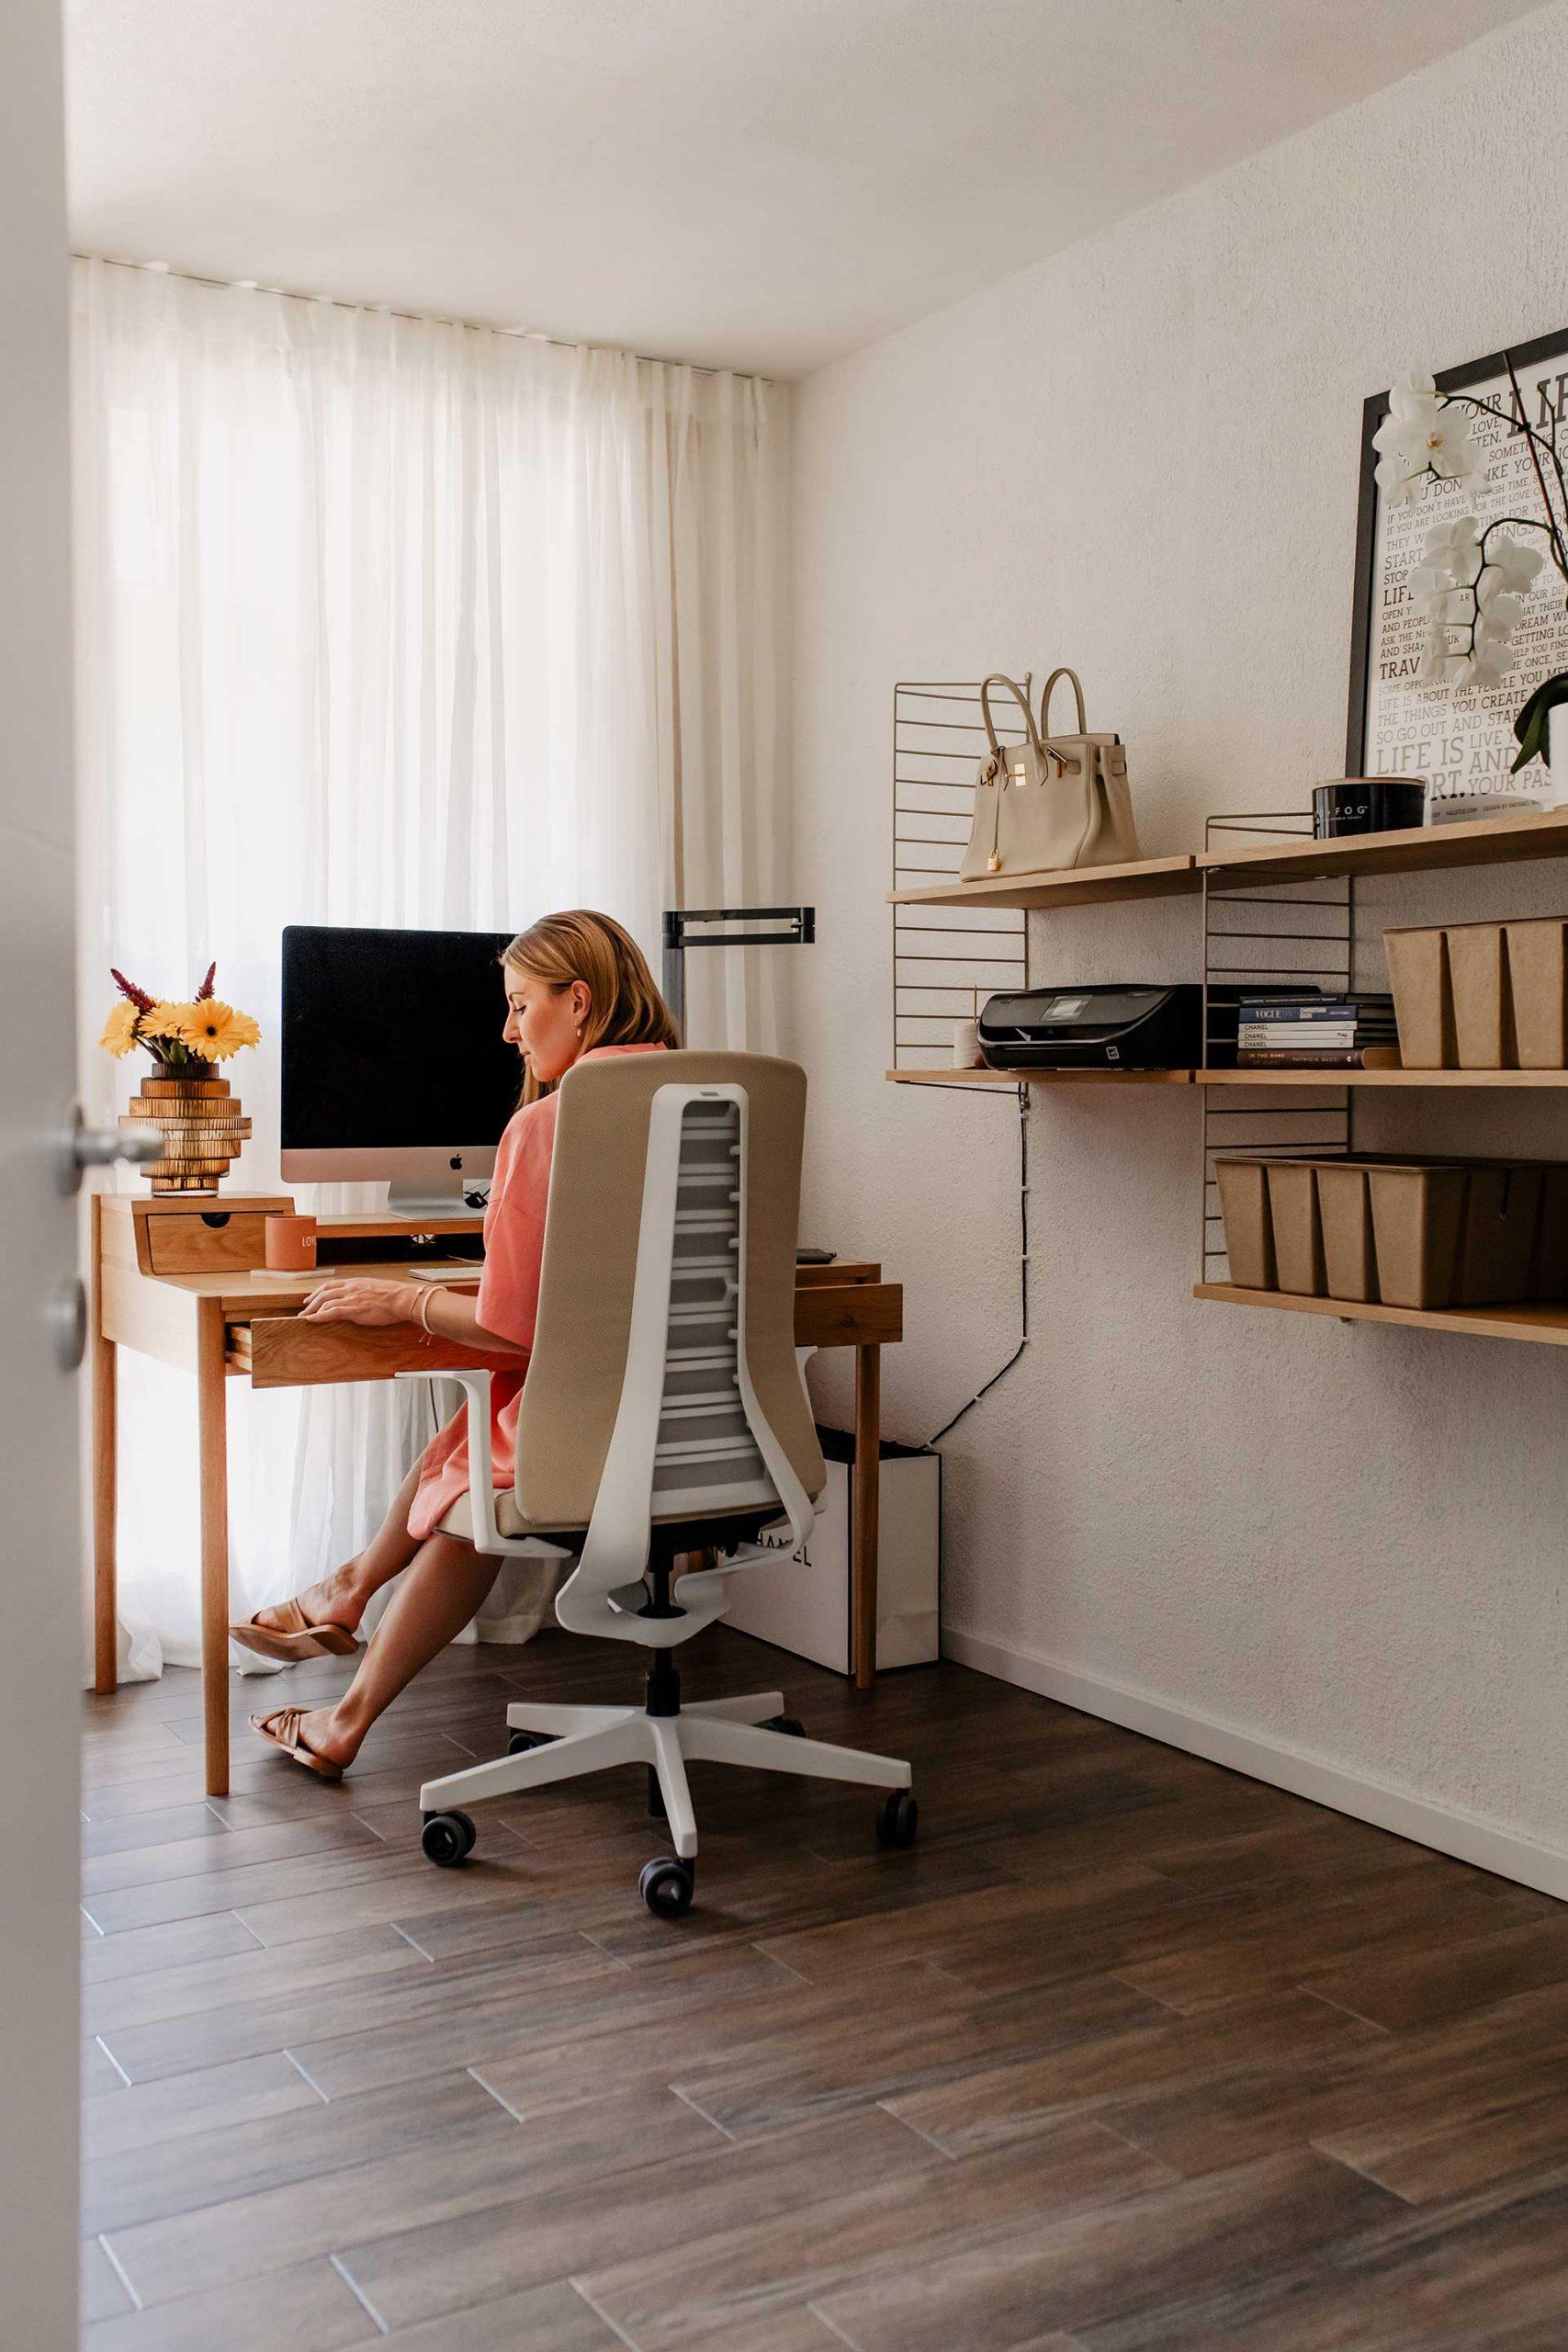 Produktplatzierung. Hast du dir schon mal konkrete Gedanken über deinen Bürostuhl gemacht und überlegt, was ergonomisch Sitzen bedeutet? Am Karriereblog gebe ich dir nützliche Tipps. www.whoismocca.com